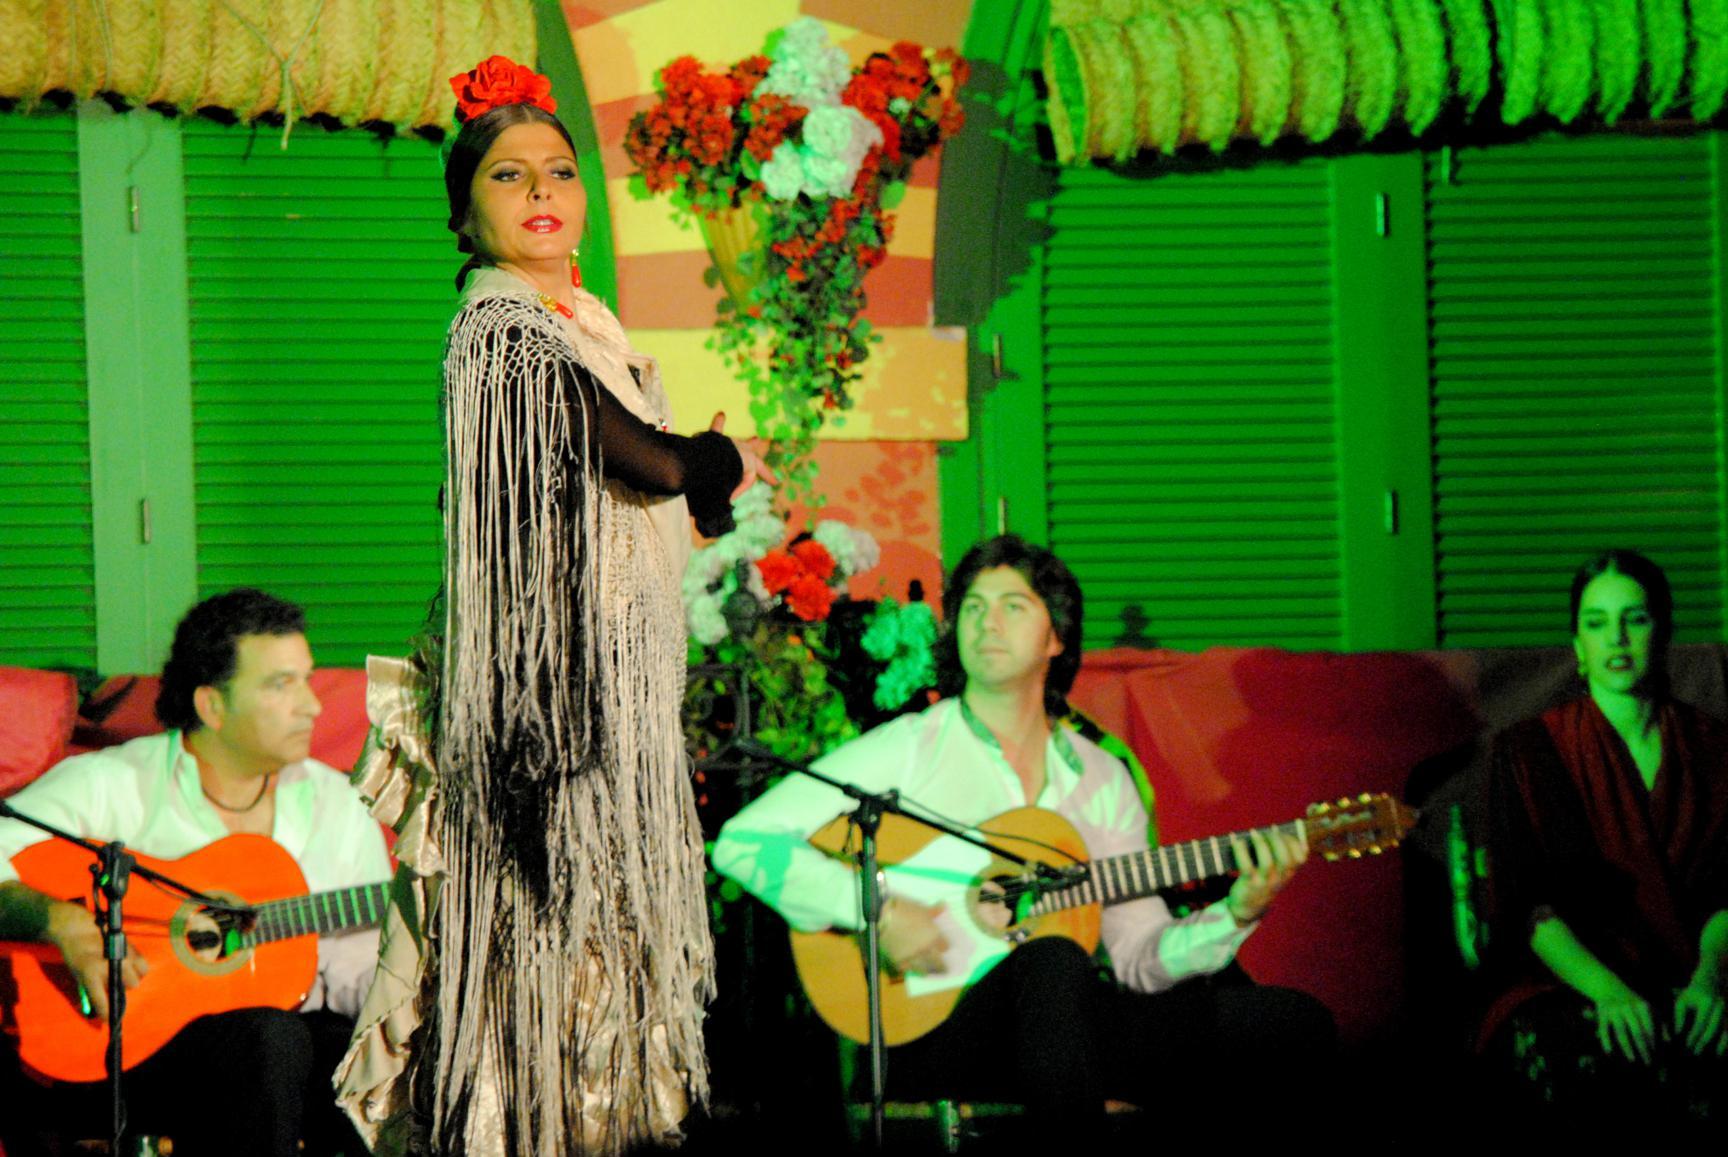 sevilla-tablao-flamenco